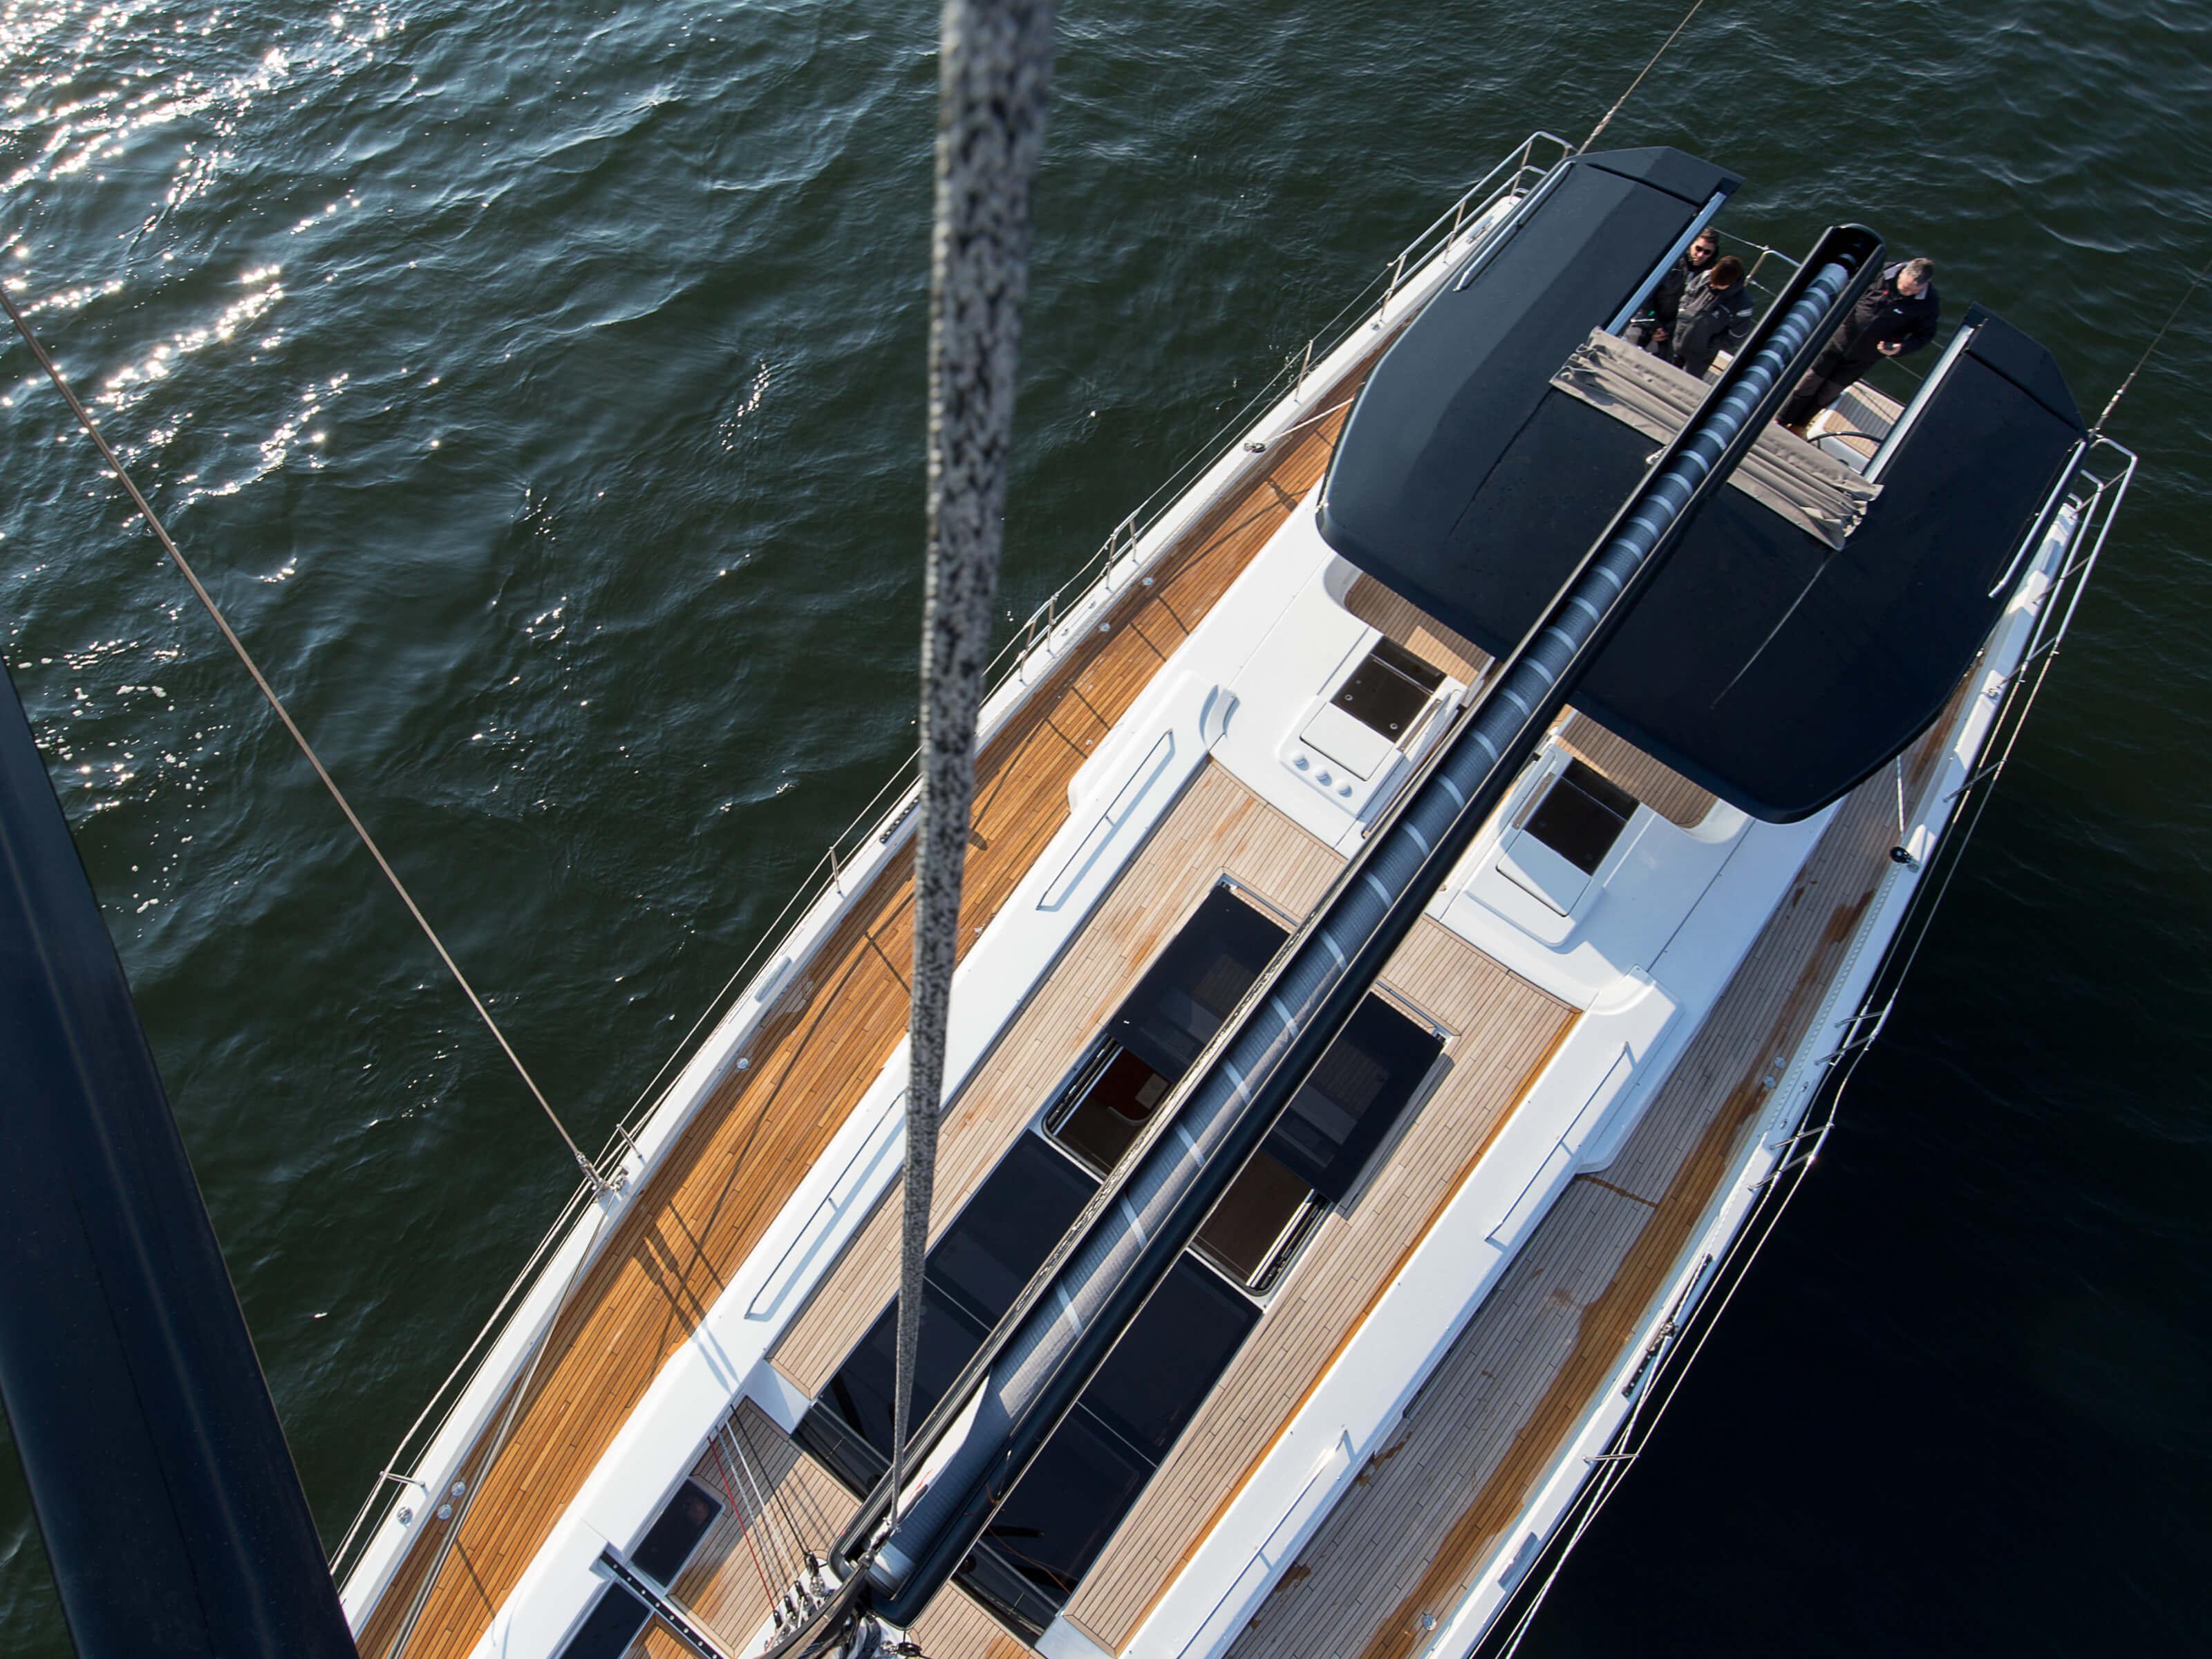 Hanse 675 | cubierta de teca, pluma, escotilla de cubierto | Hanse